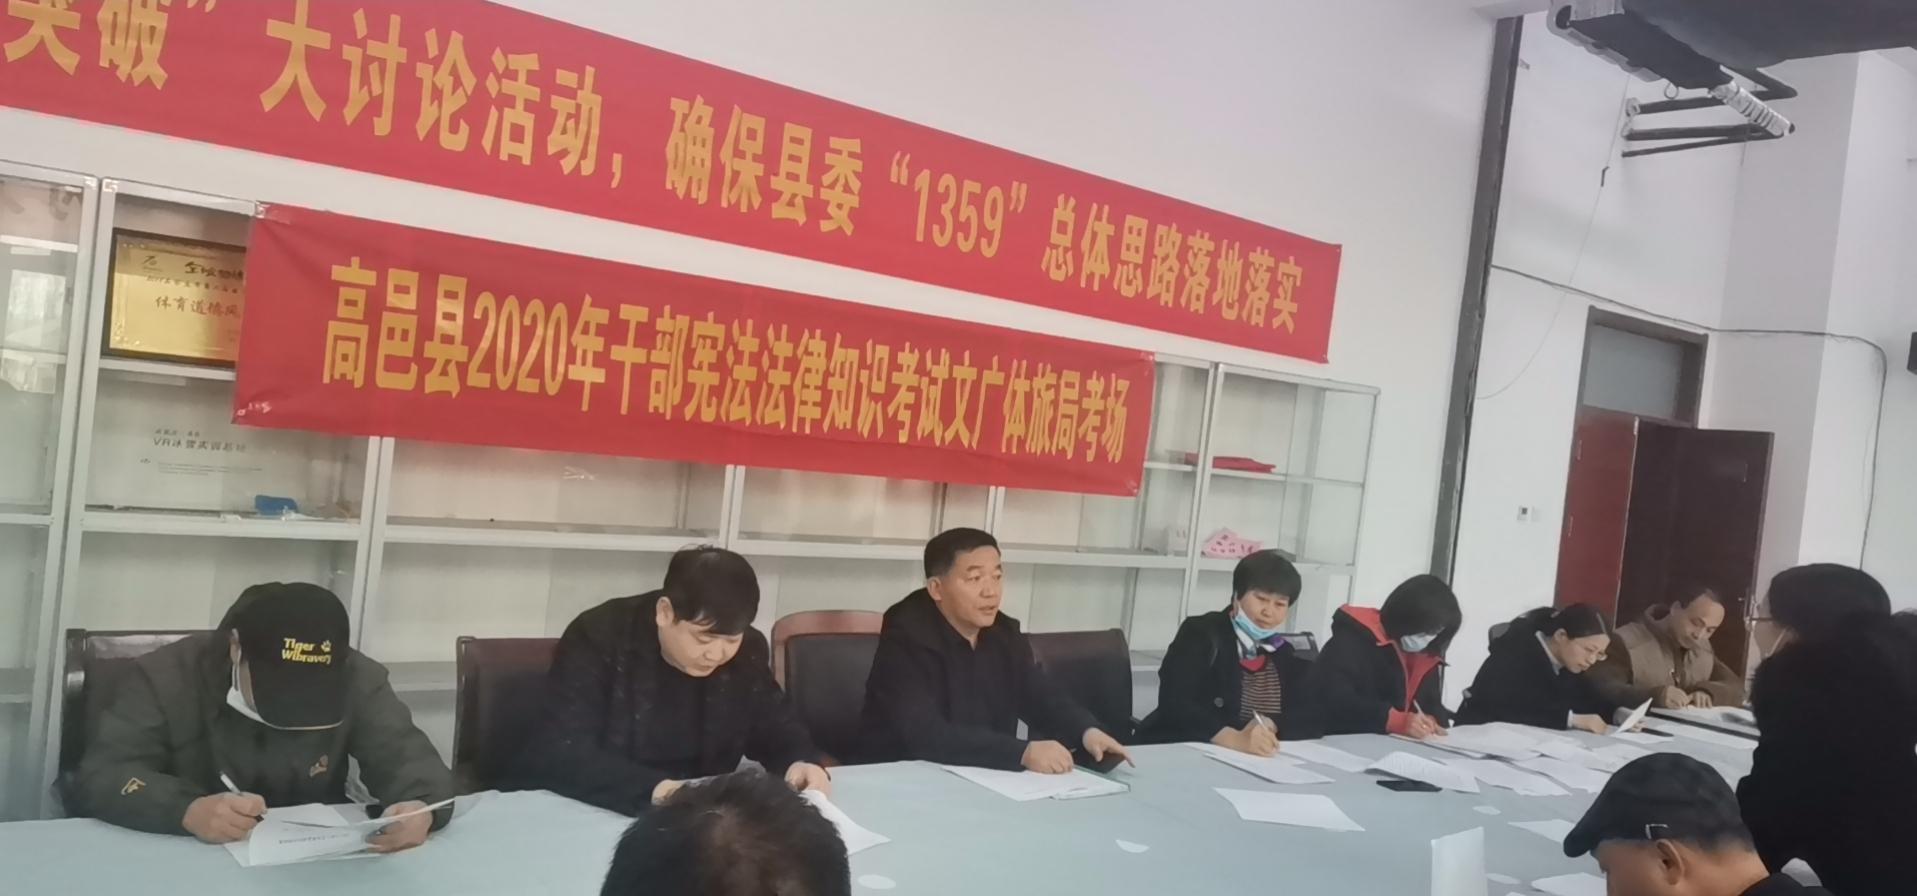 高邑县文化广电体育和旅游局全体干部职工参加2020年度宪法法律知识考试